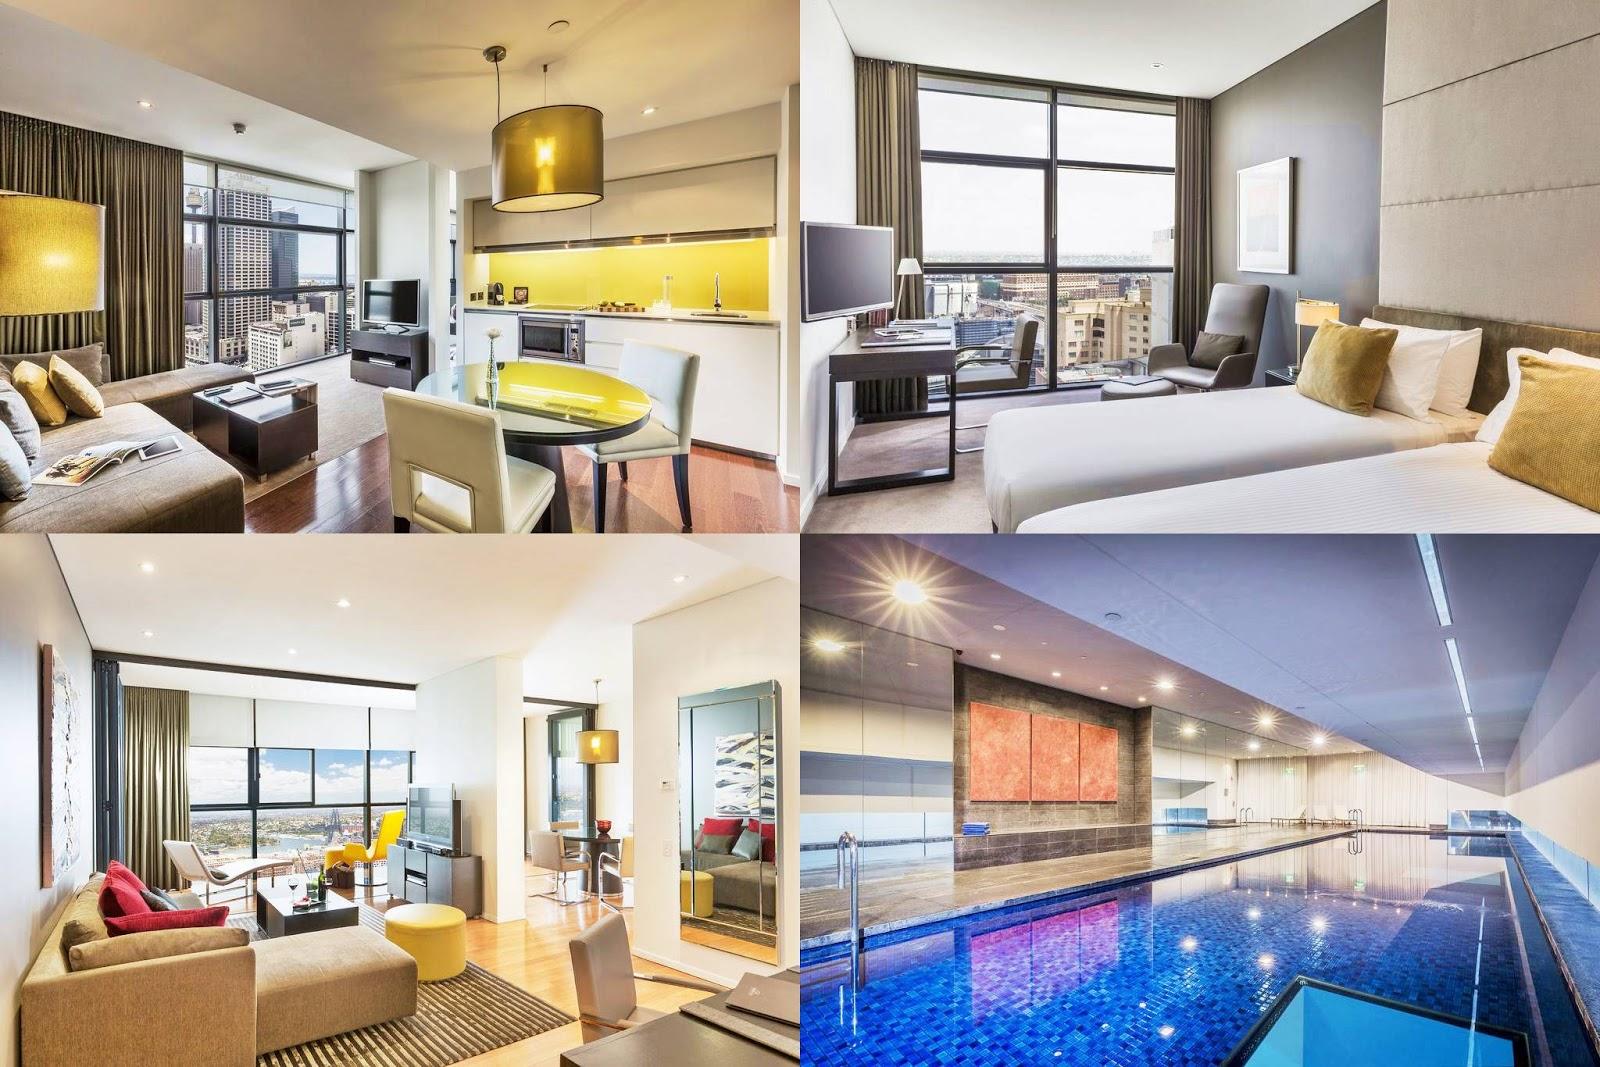 雪梨-住宿-推薦-悉尼弗雷澤套房酒店-Fraser-Suites-飯店-旅館-酒店-公寓-民宿-澳洲-Sydney-Hotel-Apartment-Travel-Australia